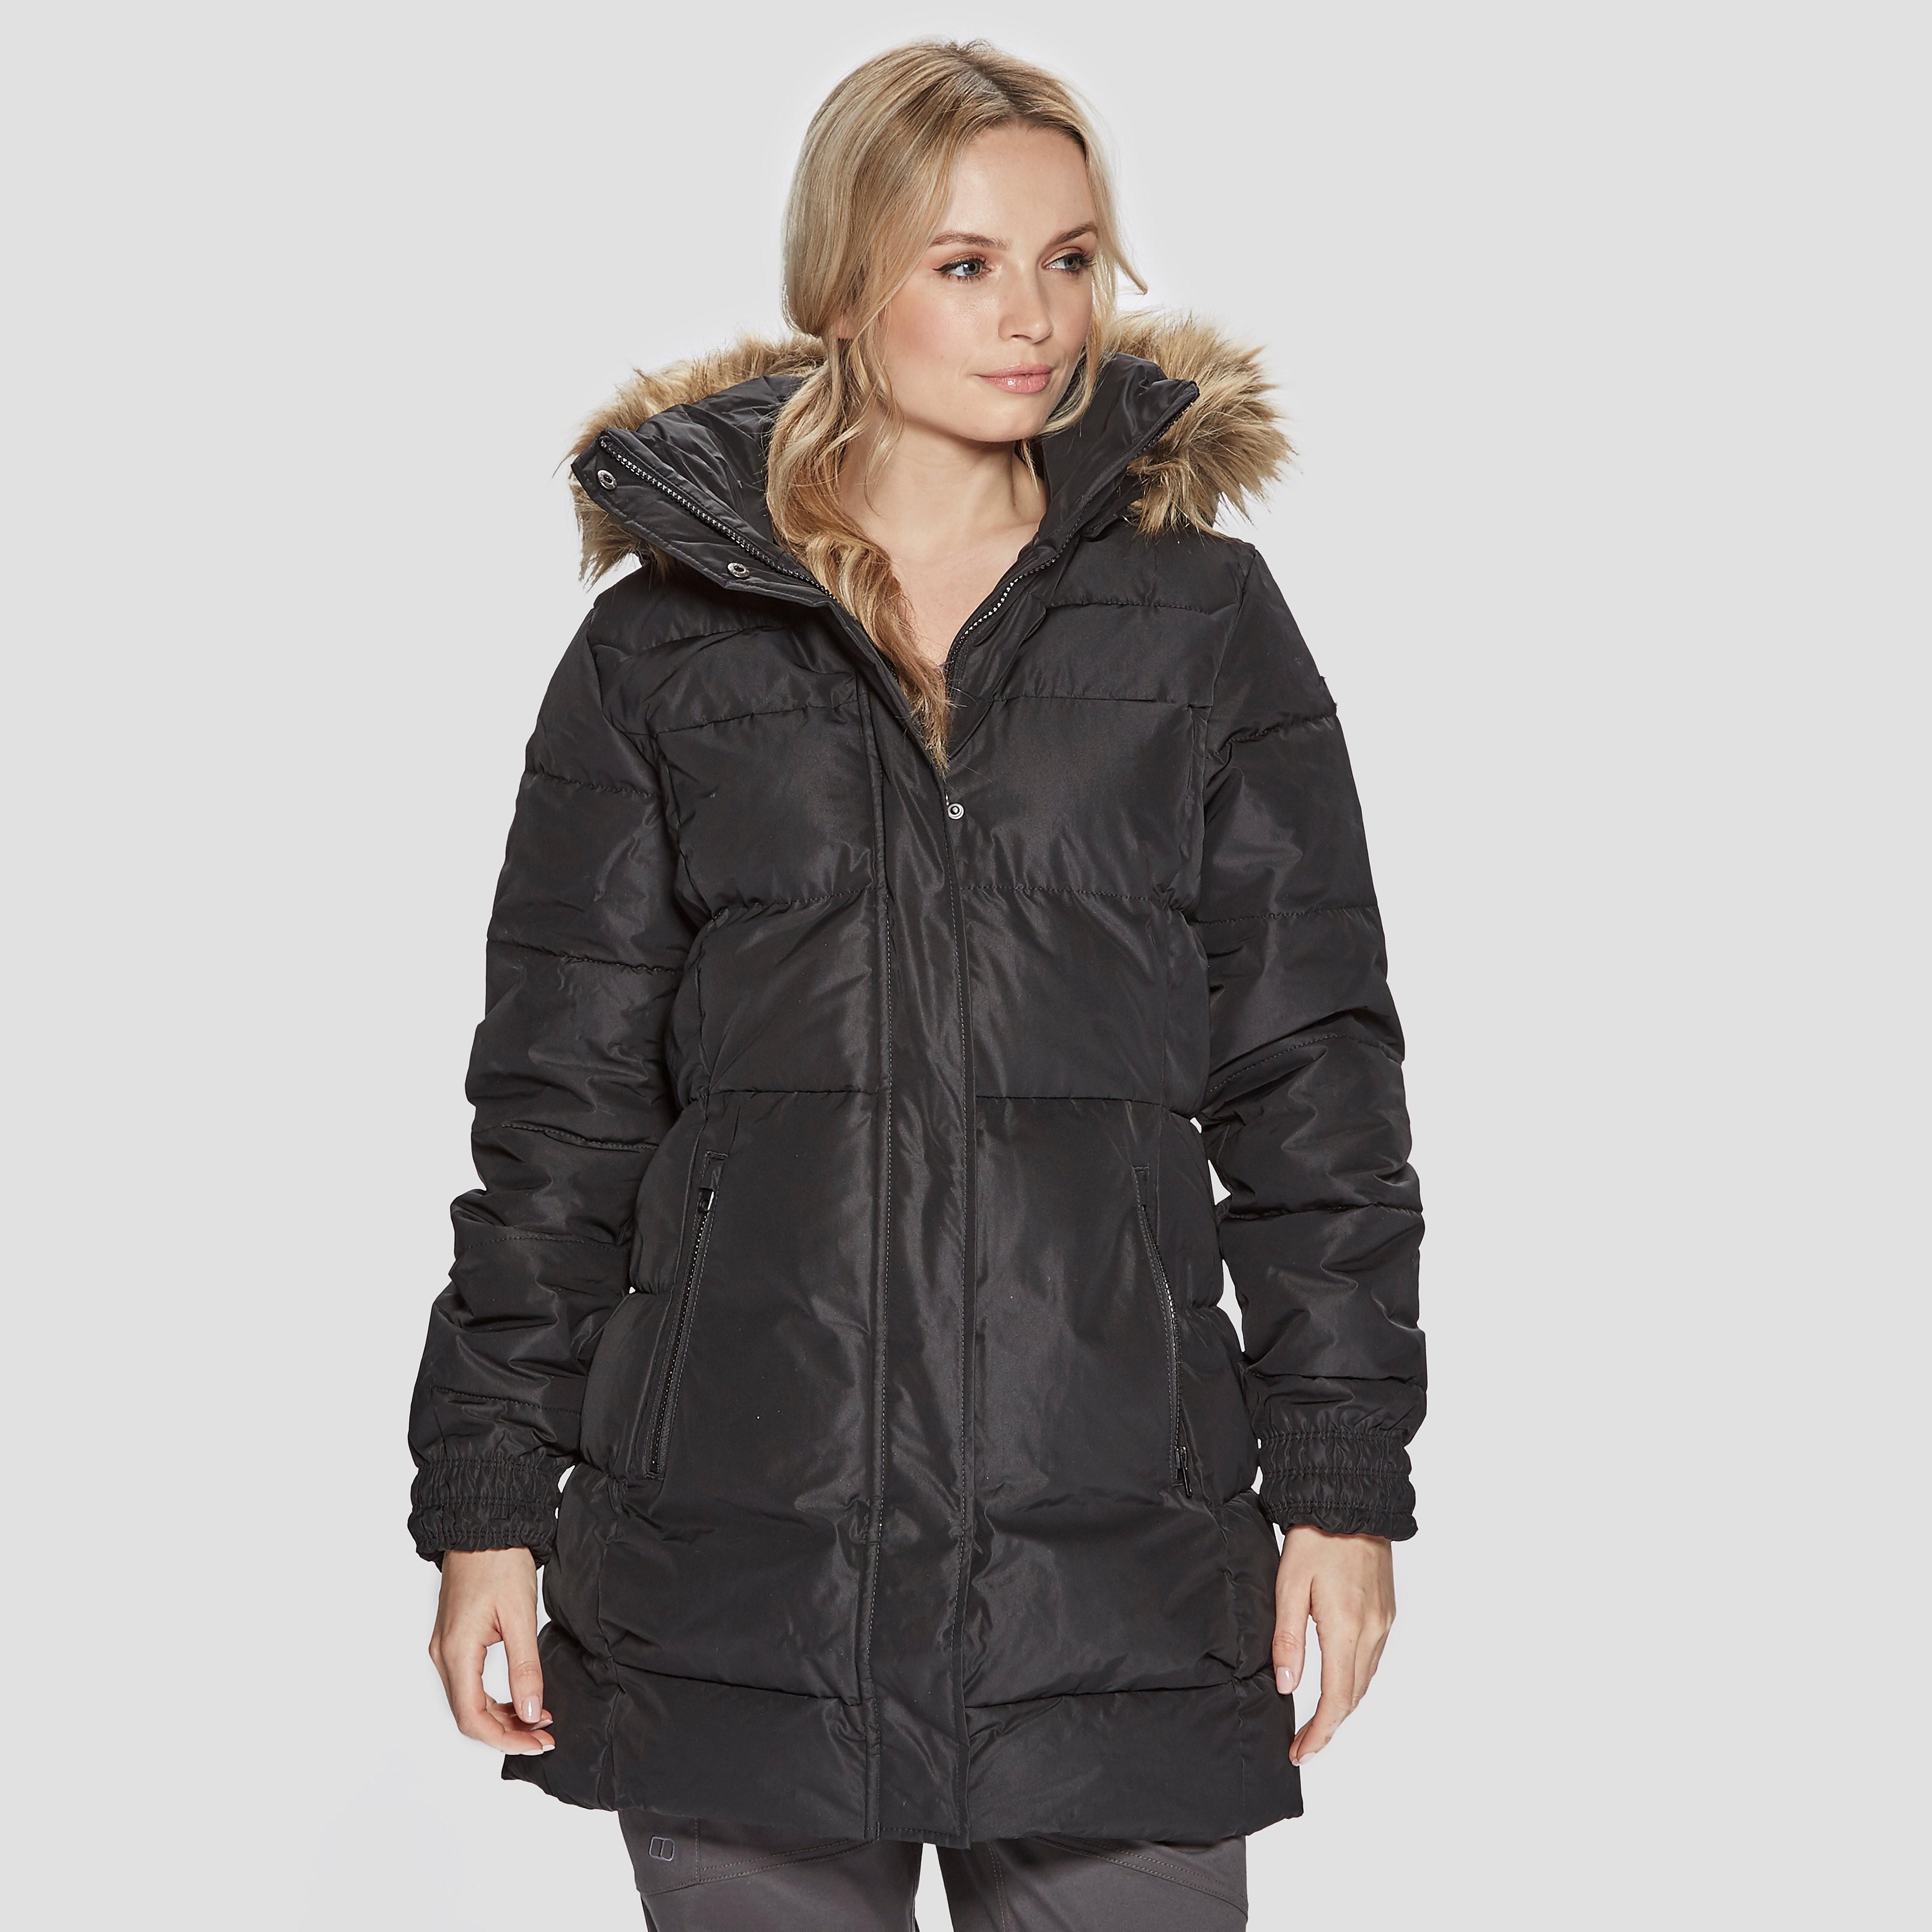 Helly Hansen Blume Puffy Women's Waterproof Parka Jacket